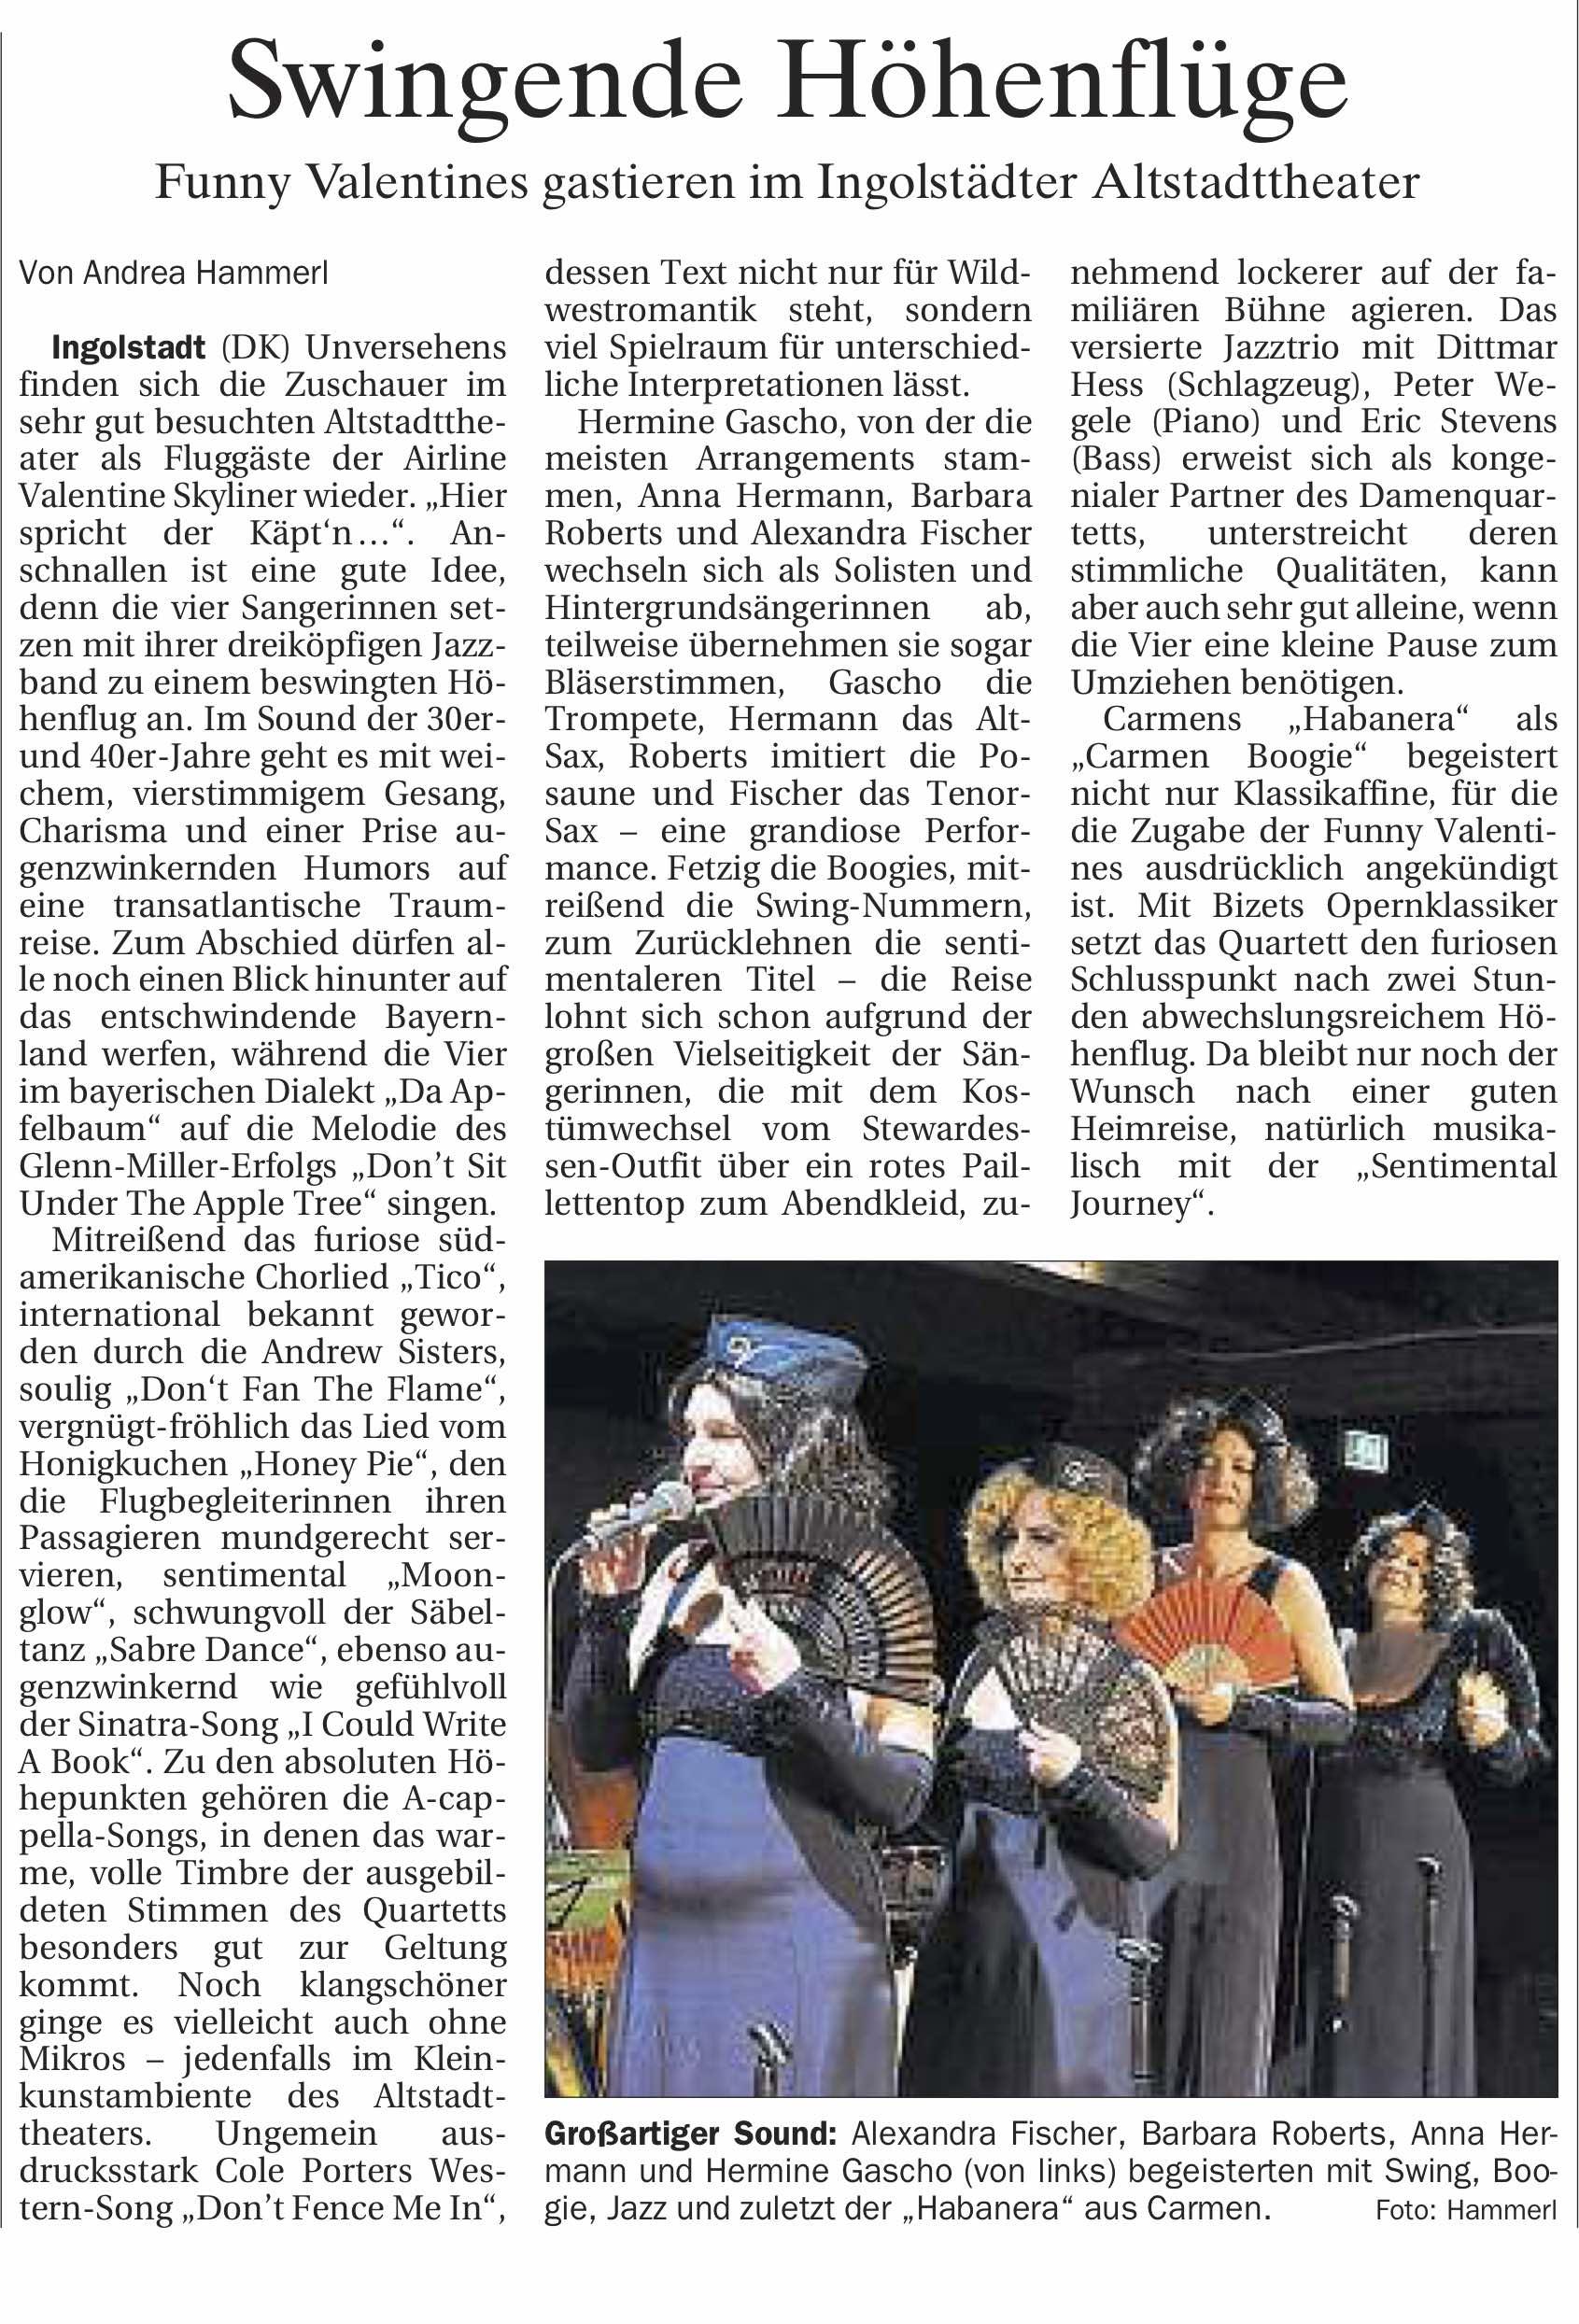 AltstadttheaterDK12.02.18